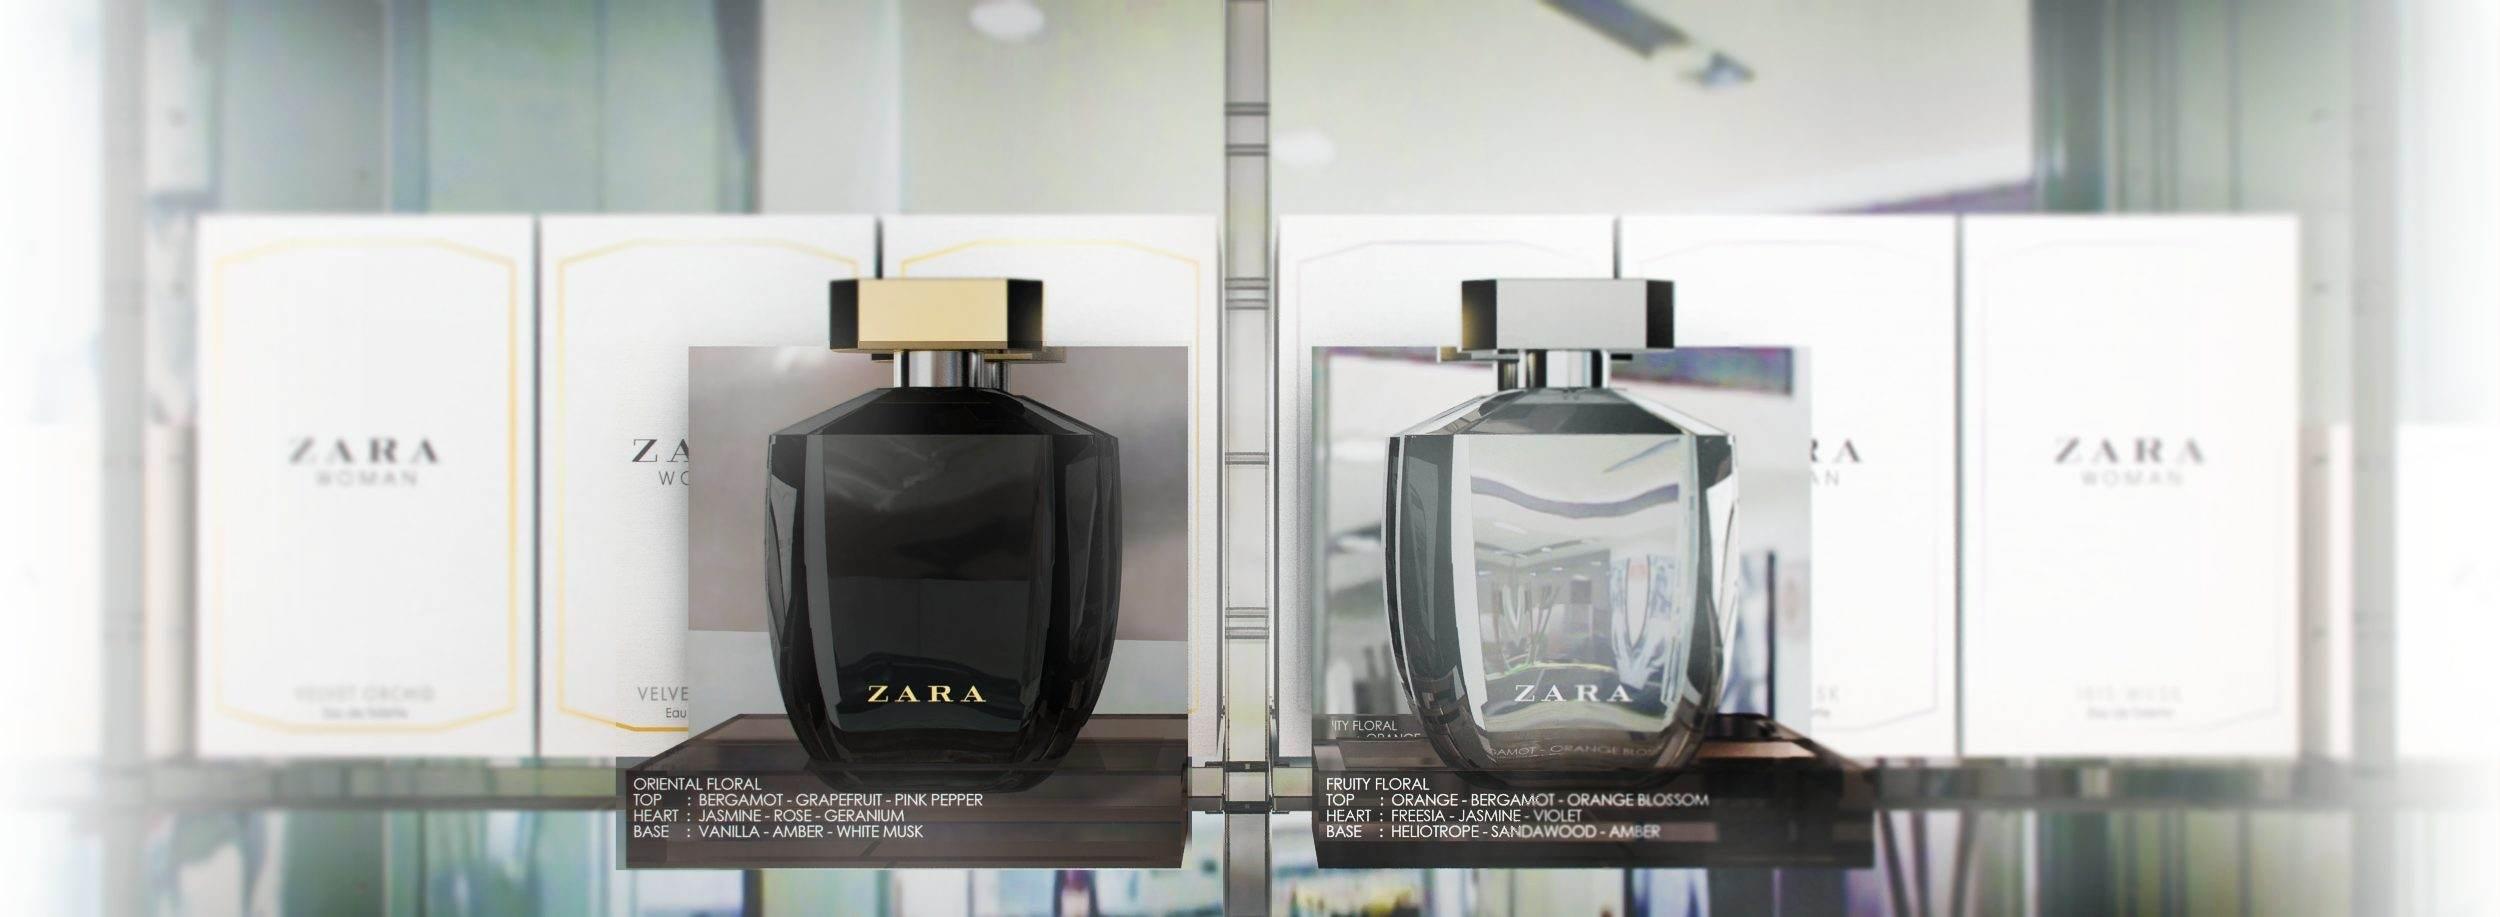 ZARA PARFUMS